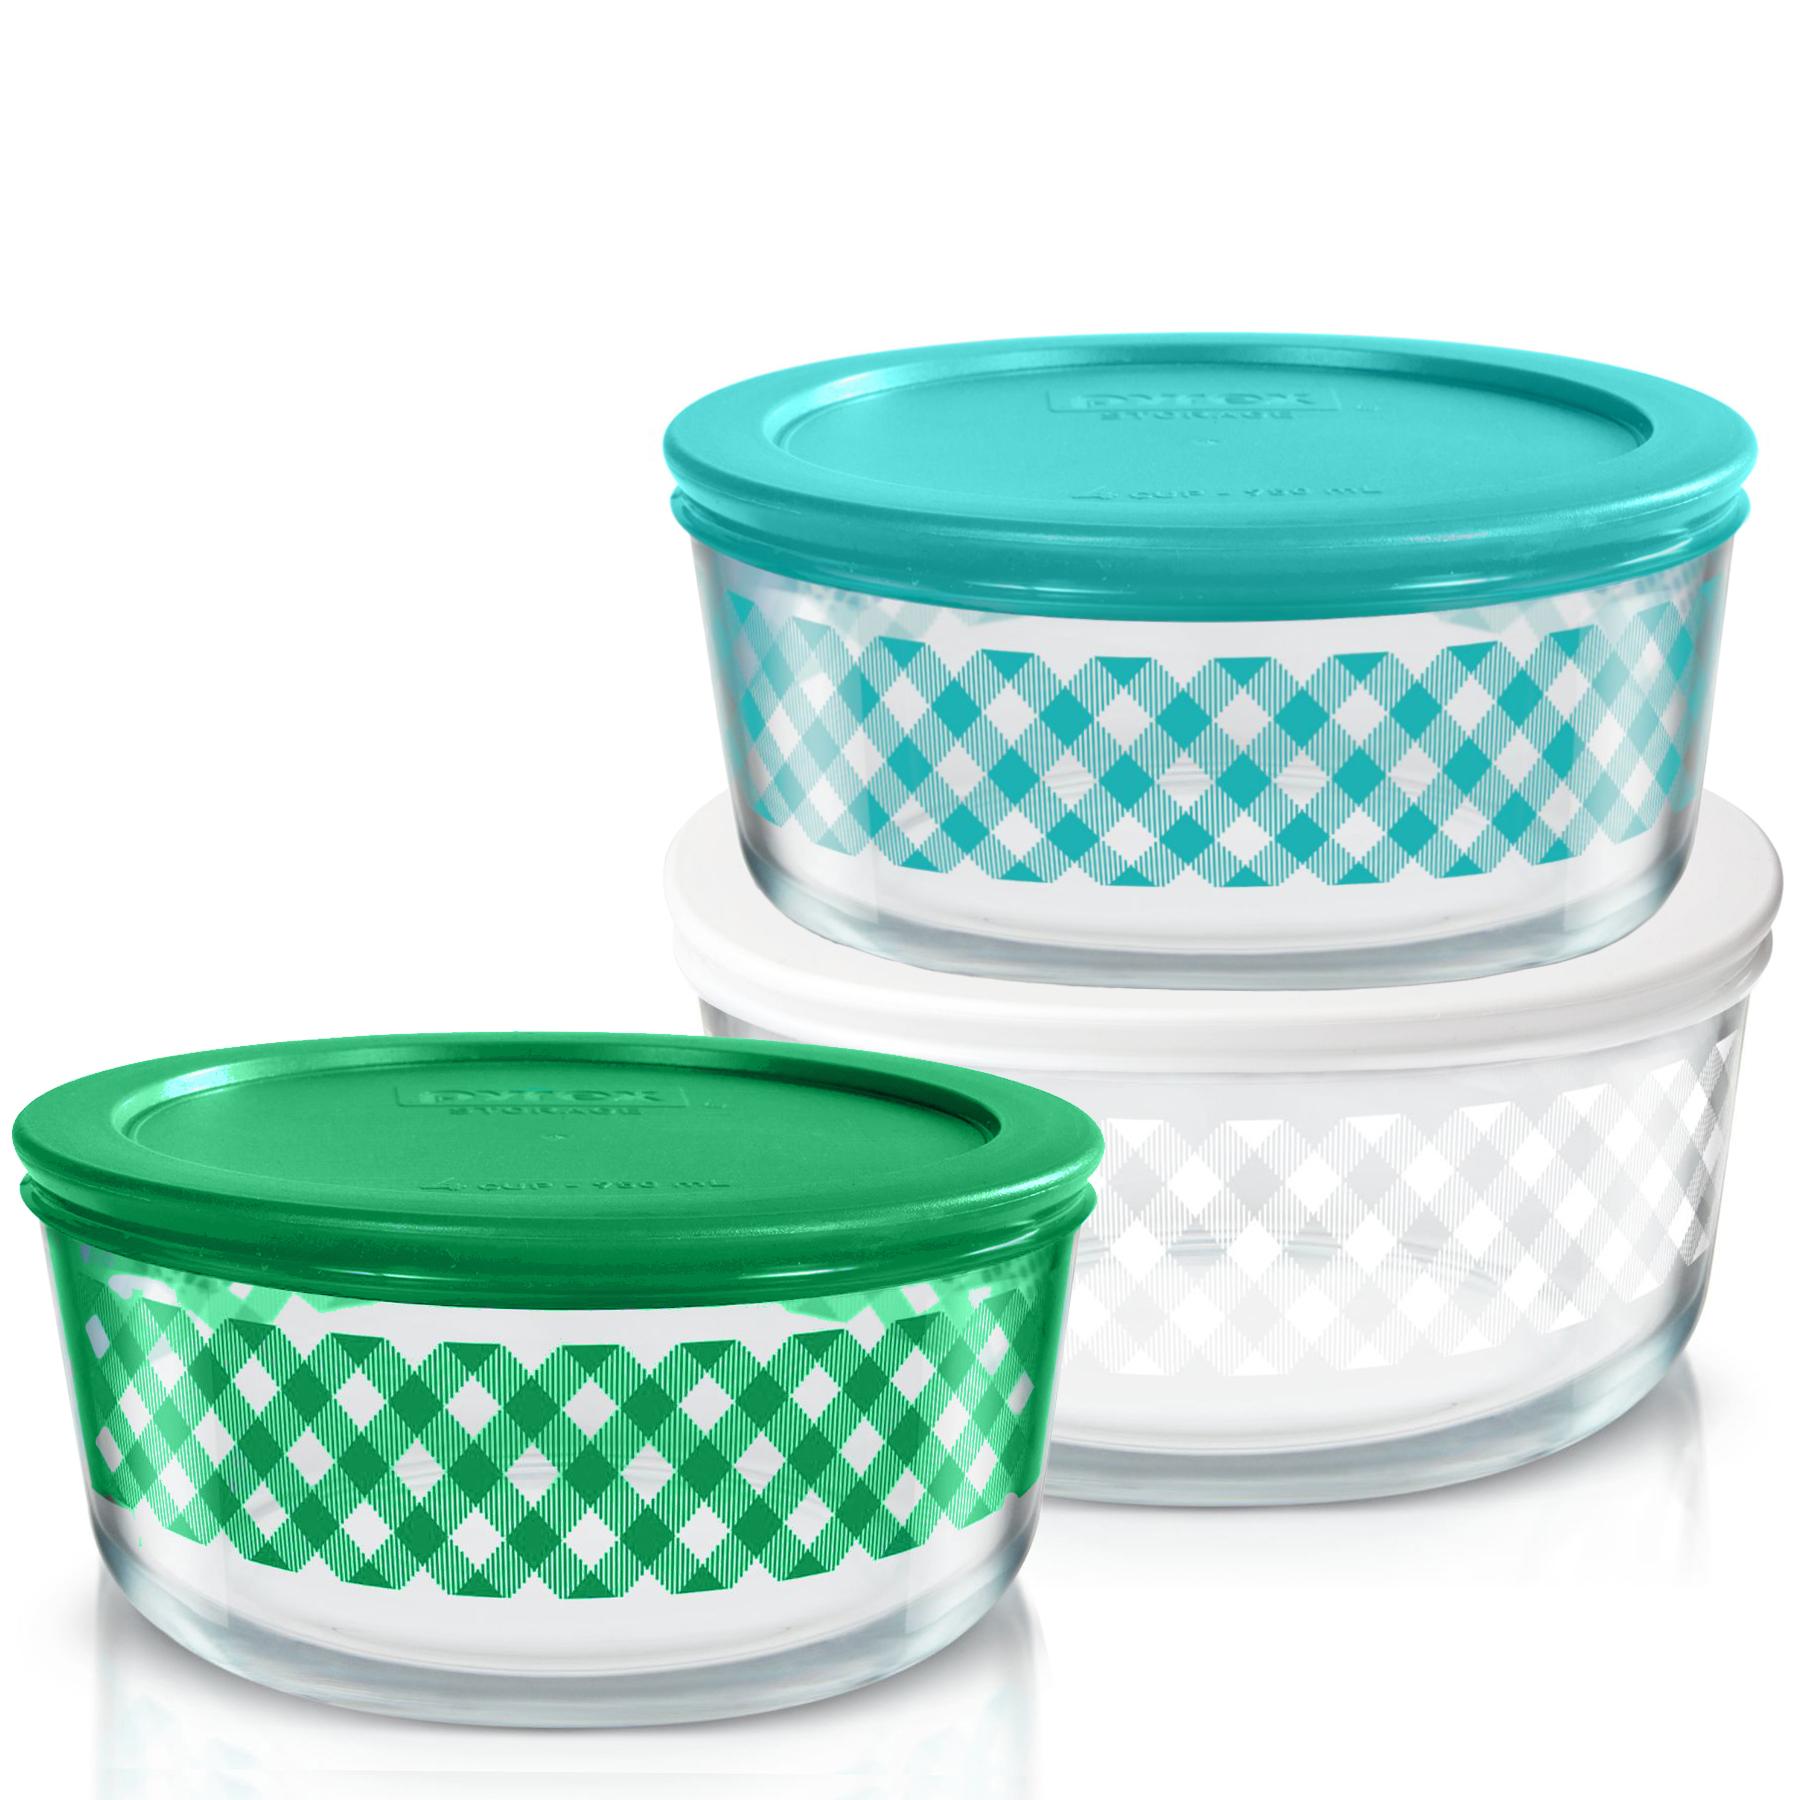 pyrex glass food storage set with lids ebay. Black Bedroom Furniture Sets. Home Design Ideas